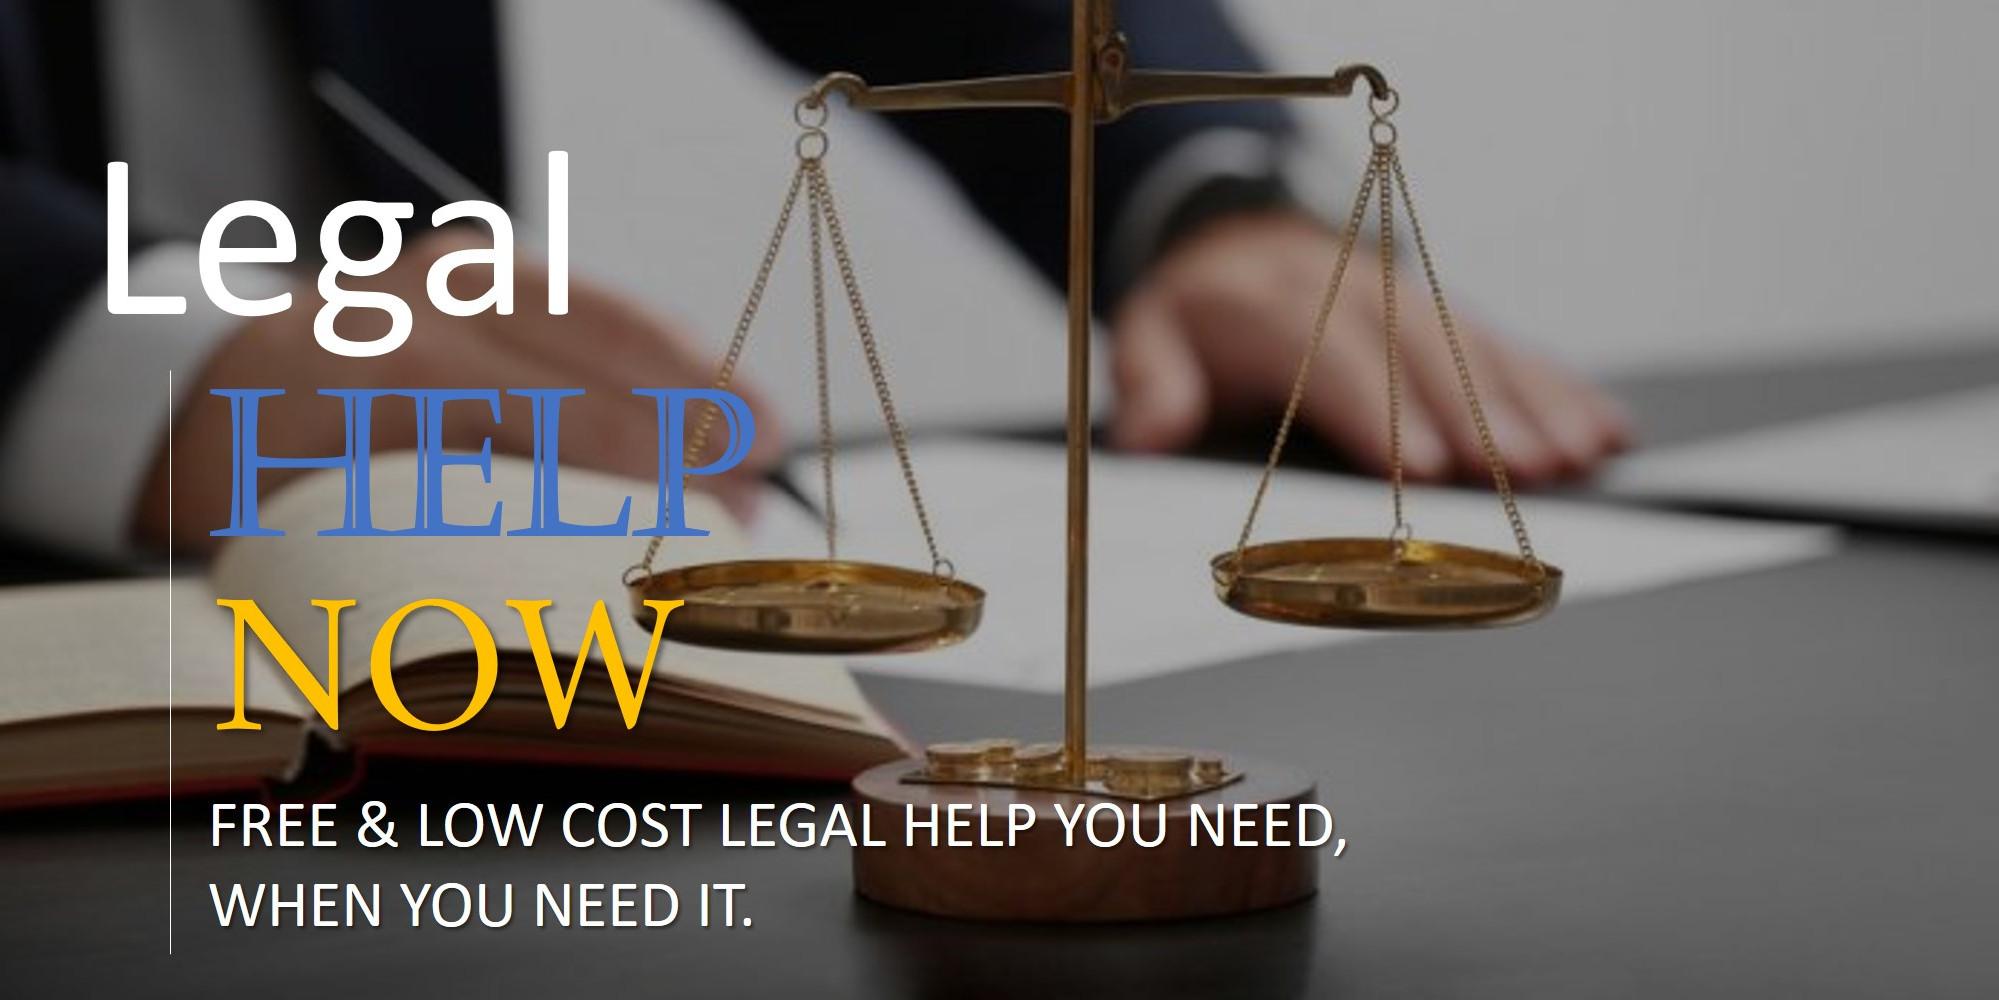 LegalHelpnowBanner6